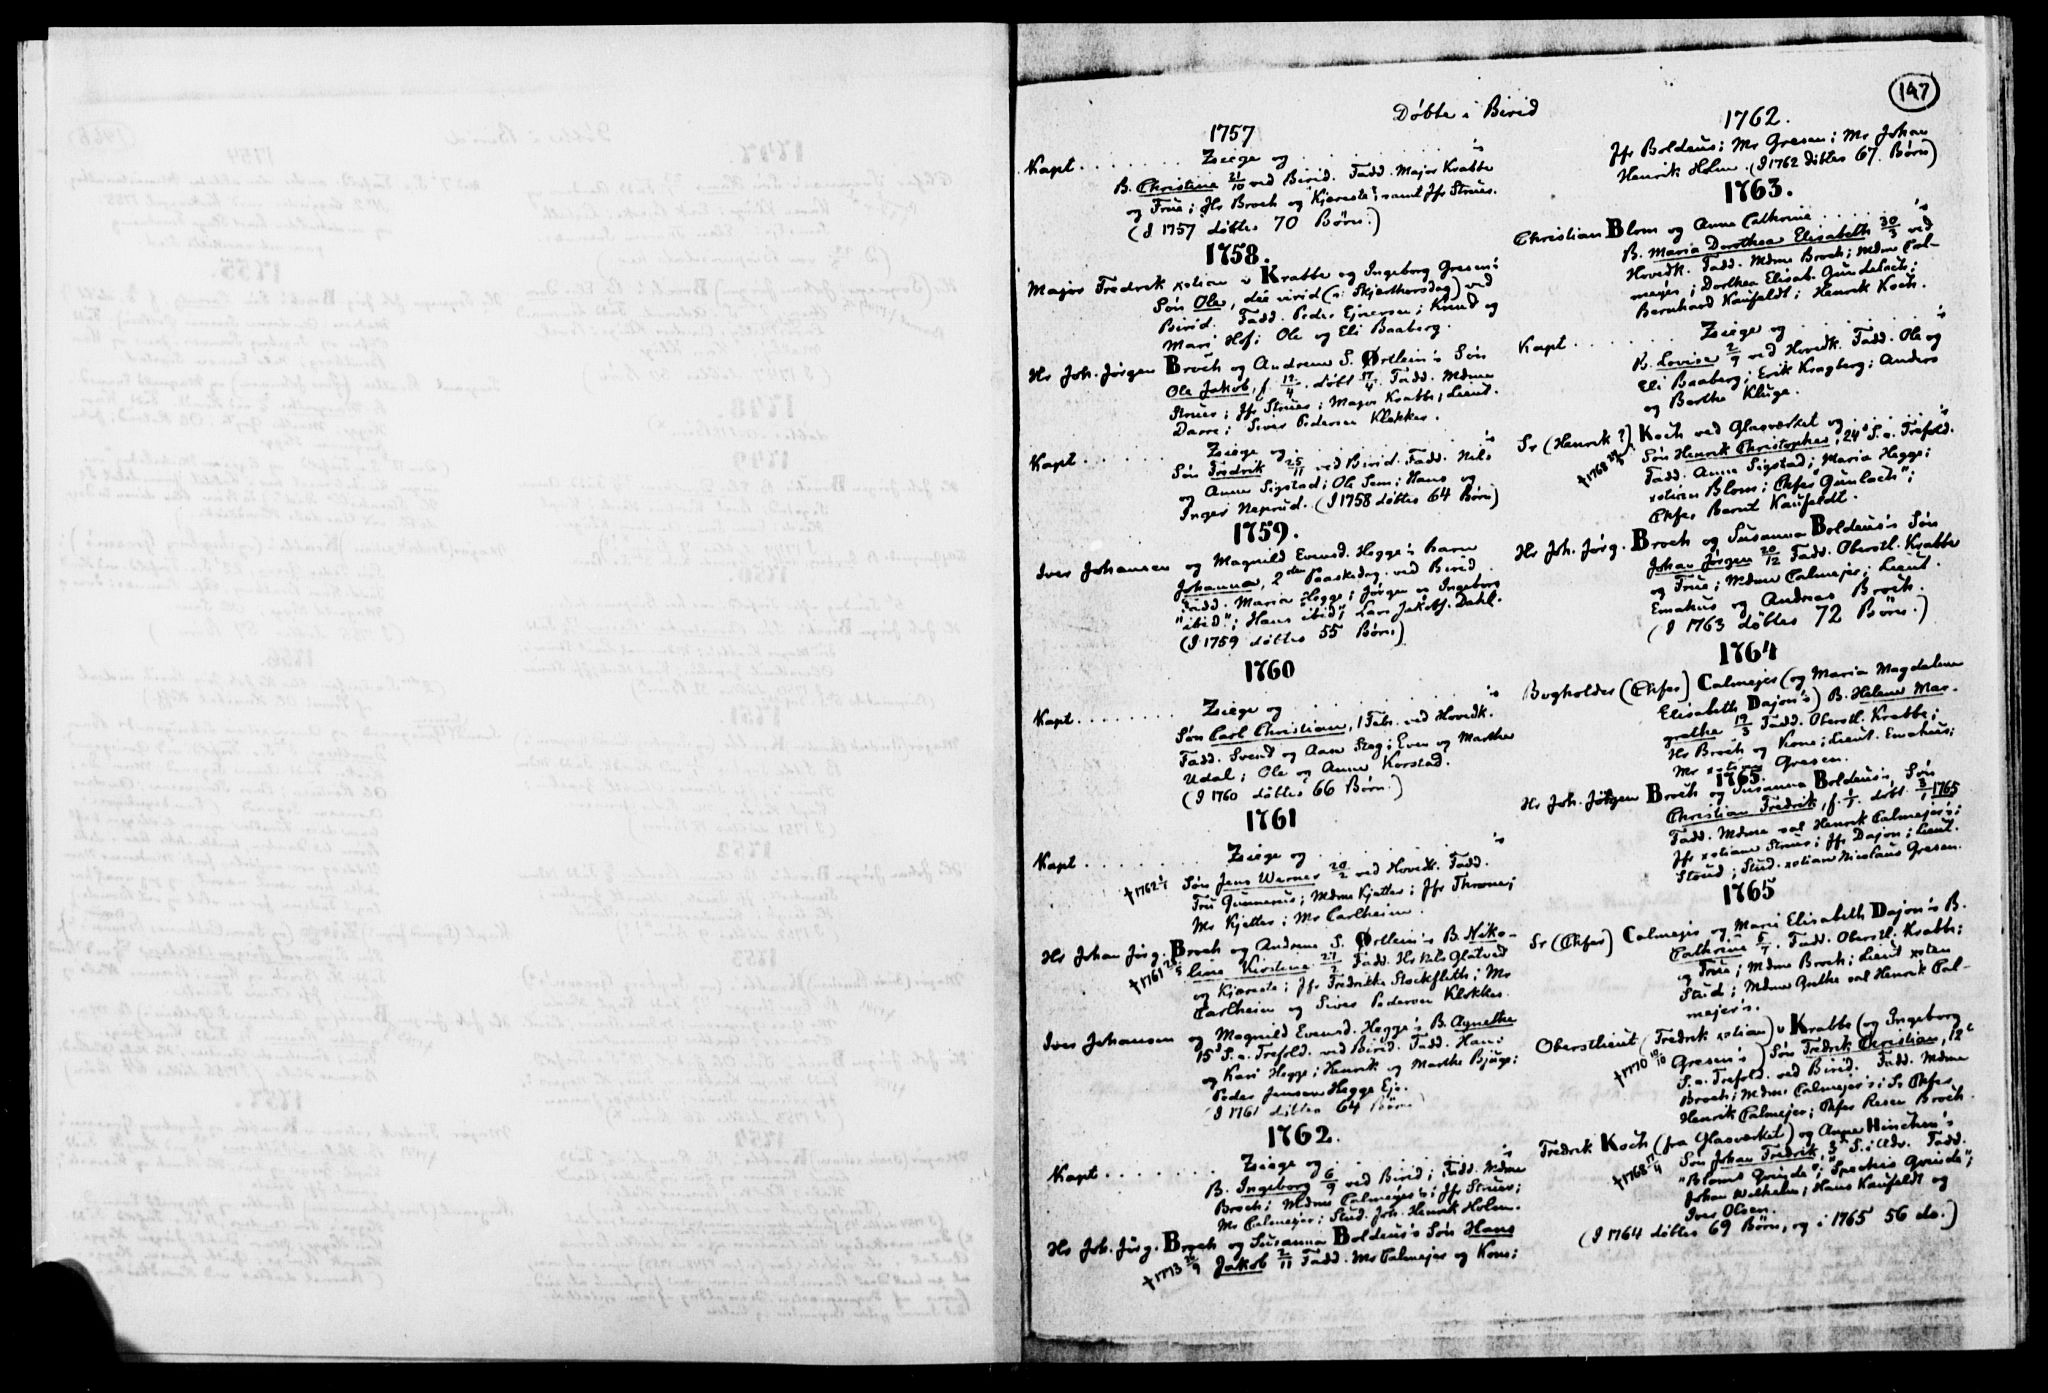 SAH, Biri prestekontor, Ministerialbok, 1730-1879, s. 147